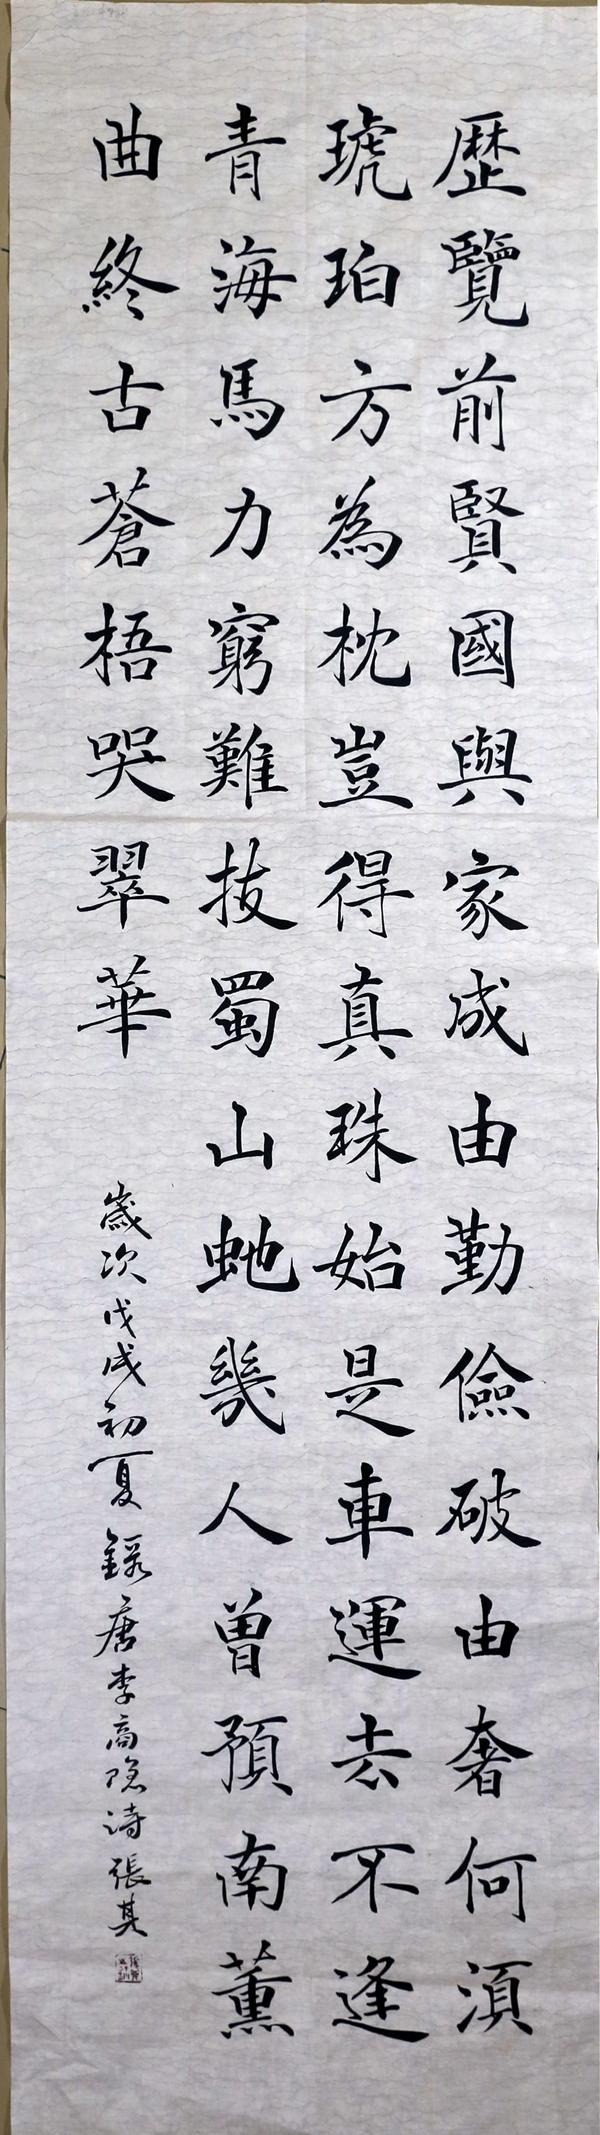 2018年山东省廉政文化作品征集书法类作品-117 楷书图片